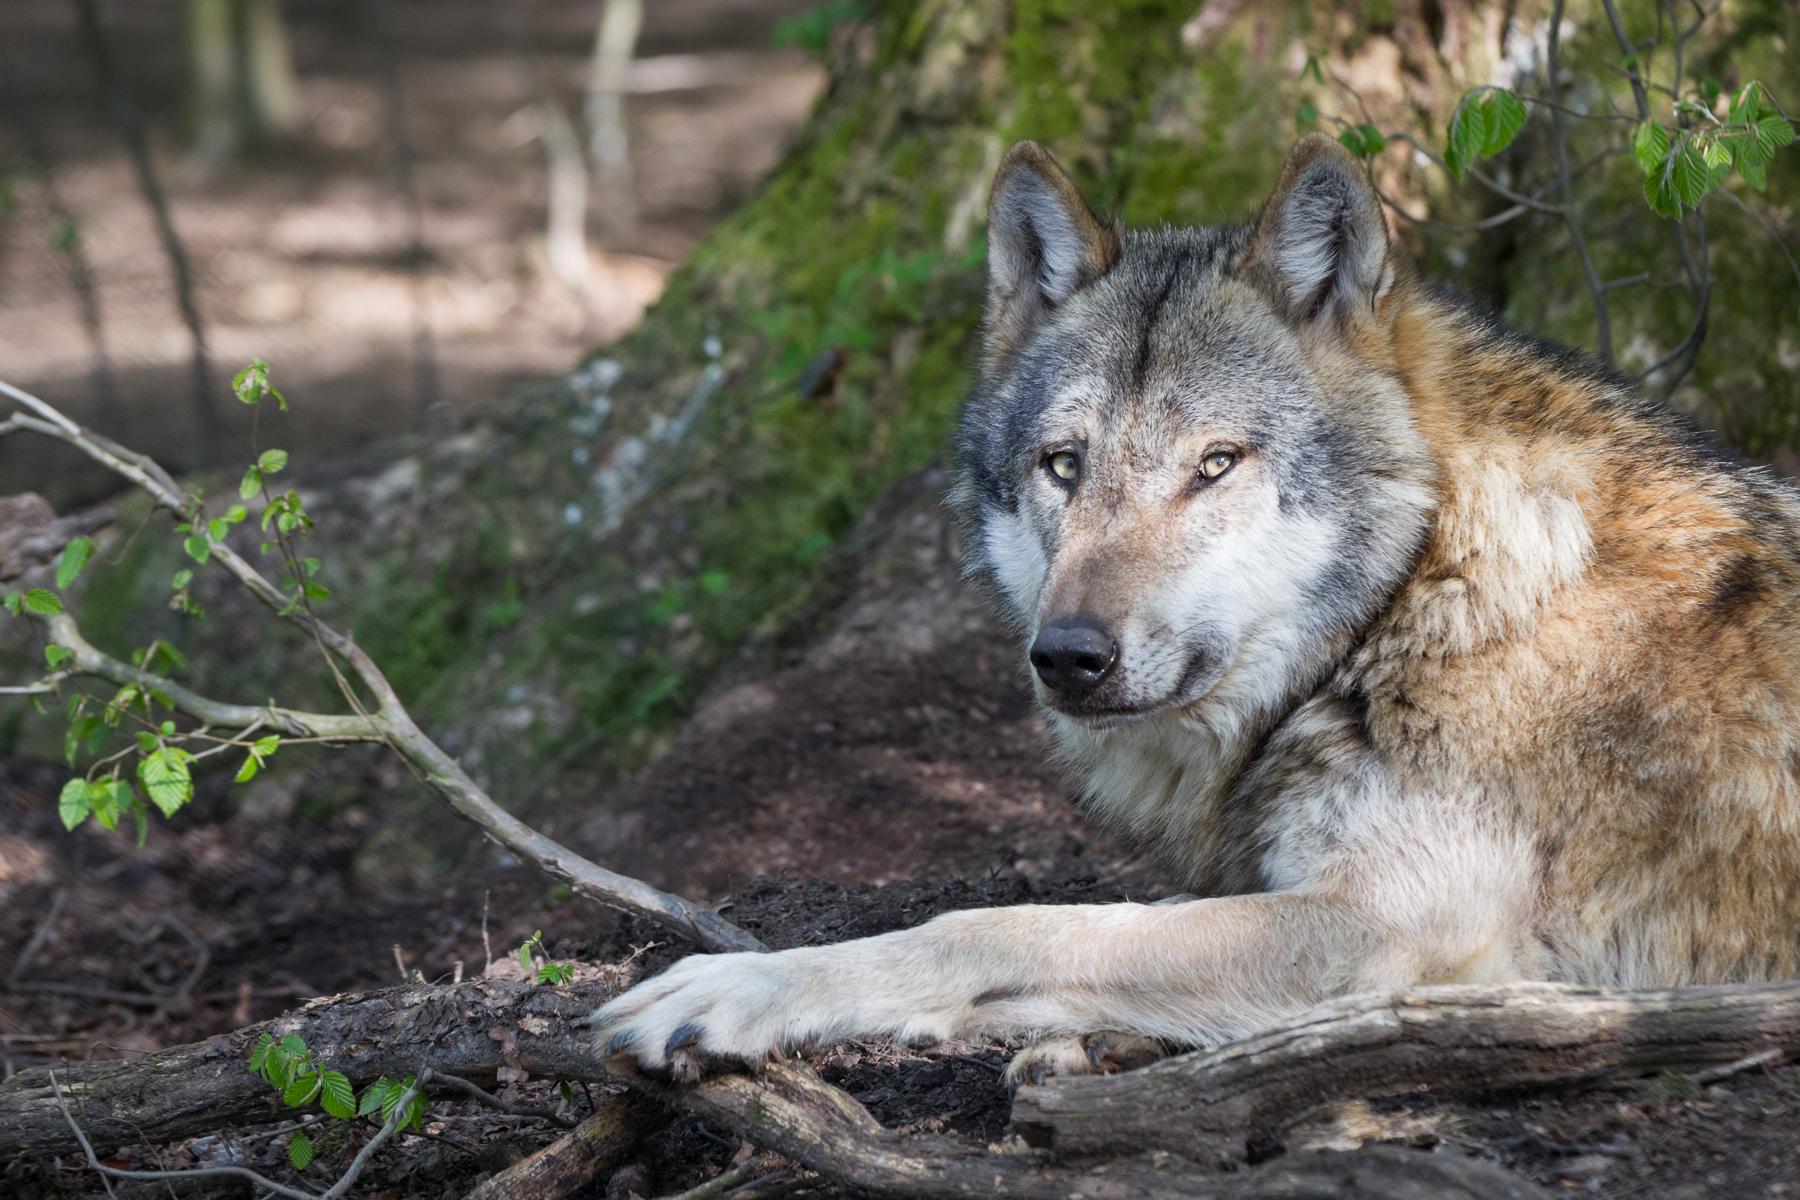 пожалуйста фотографии с волками ручном фокусе